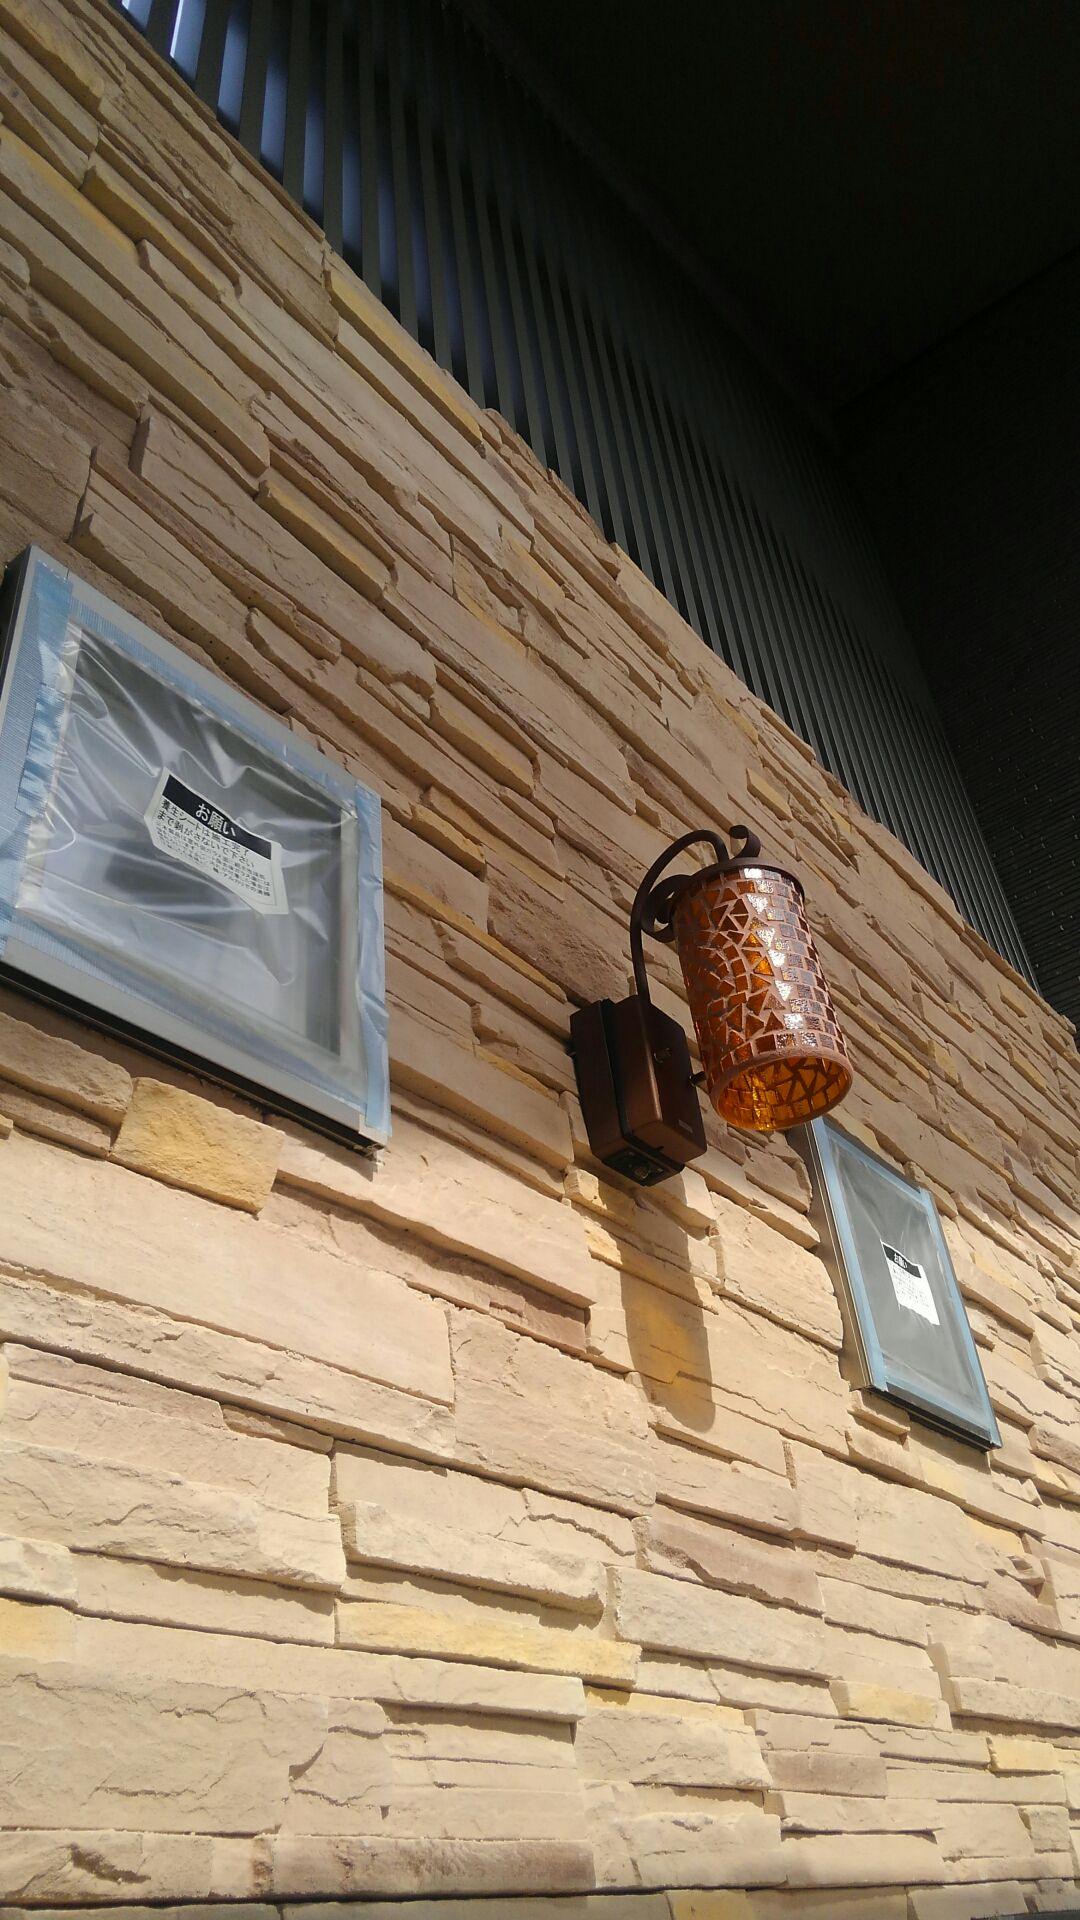 玄関ポーチの照明器具は奥様の見立て。外壁と調和がとれ、とてもカワイイく仕上がりました。